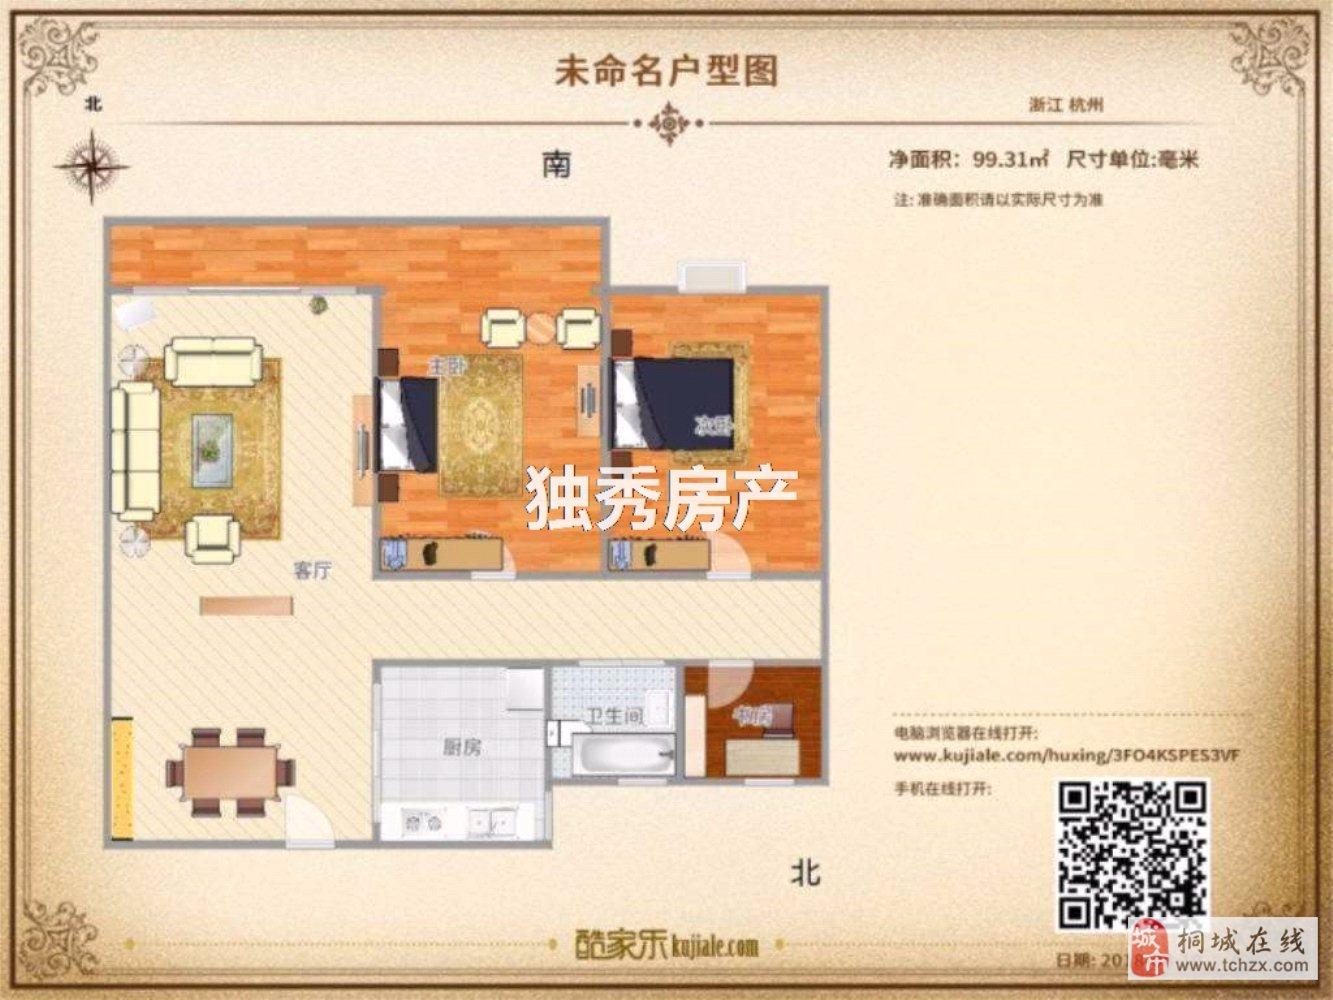 上和家园3室2厅1卫58万元